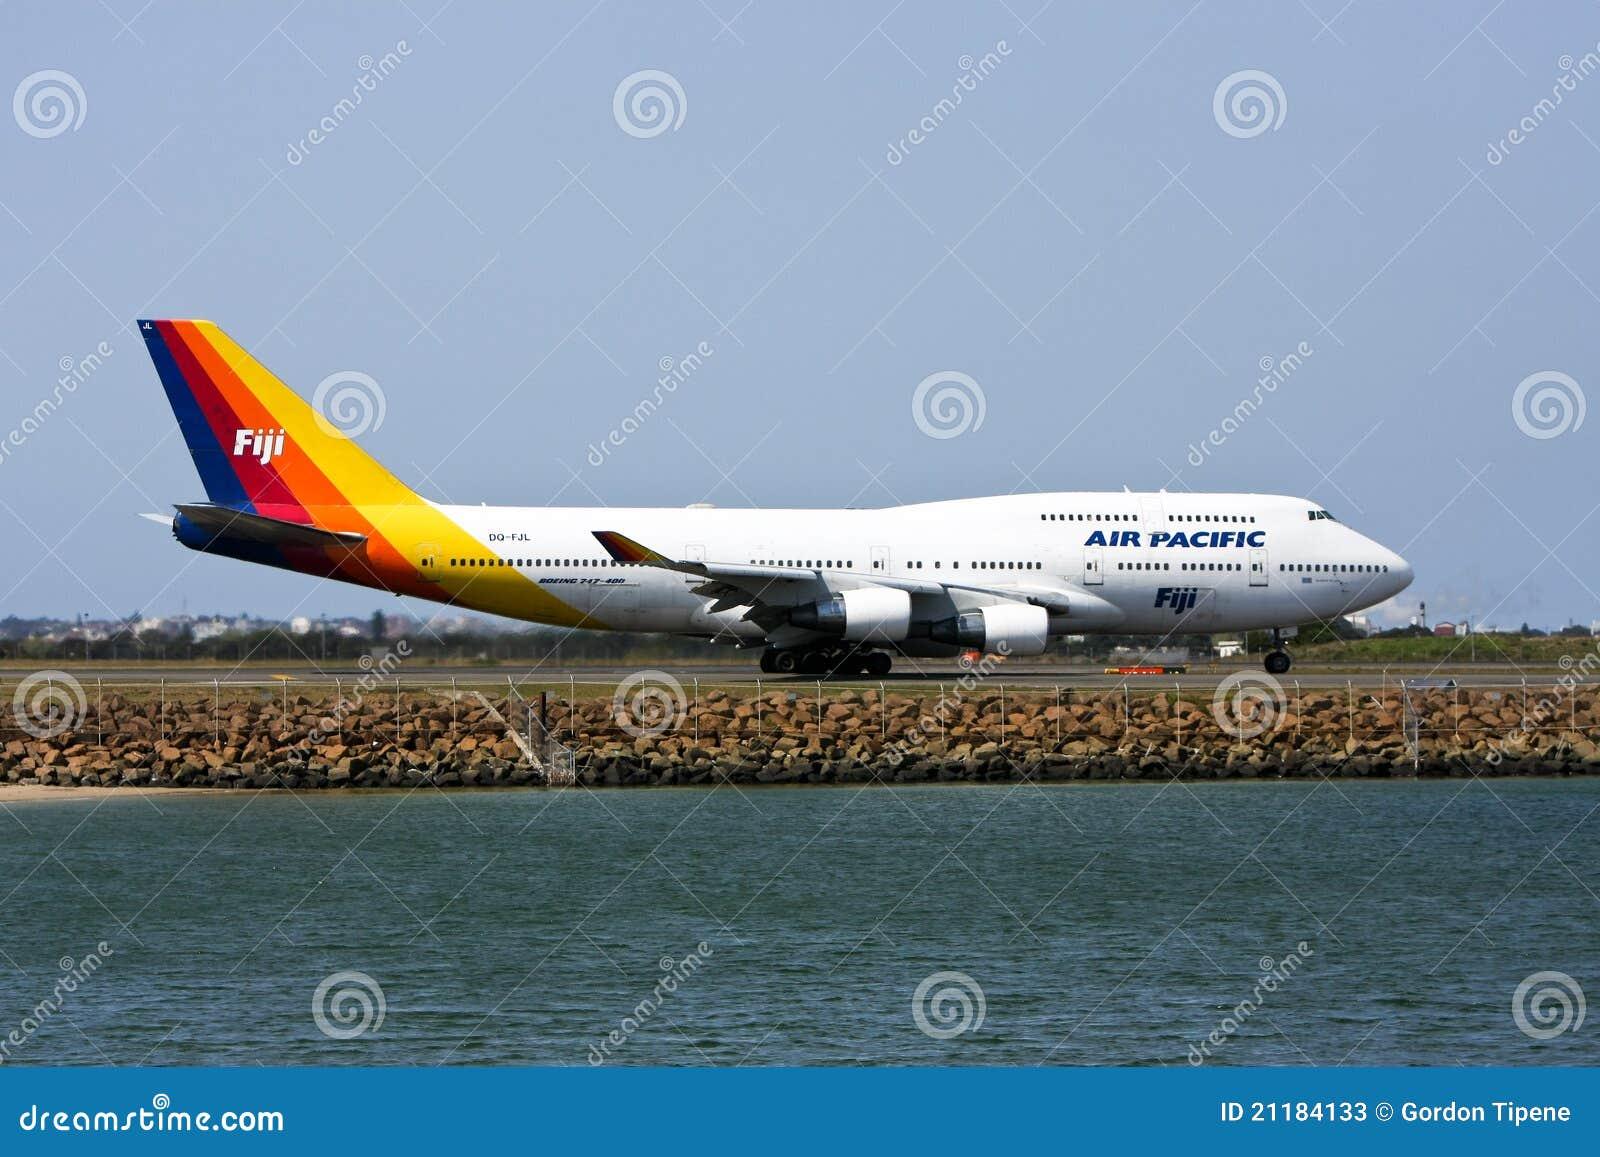 Air Pacific Boeing 747 jet on runway